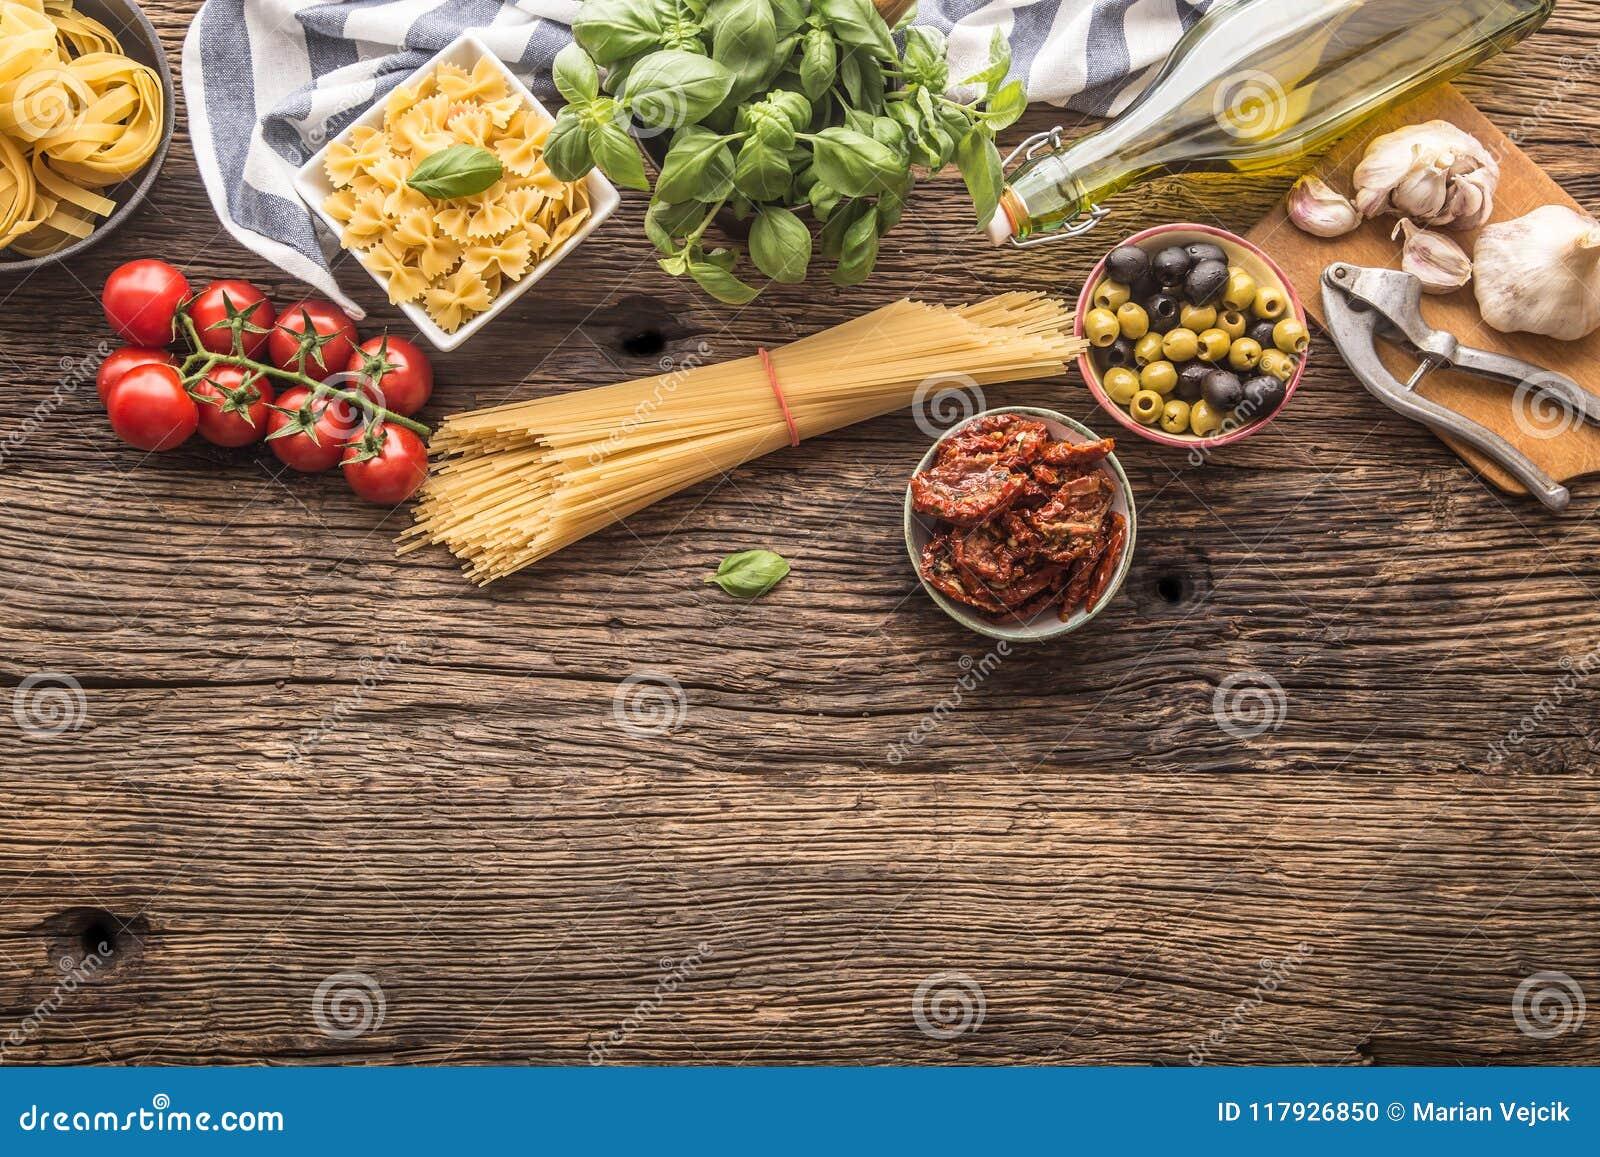 Albahaca italiana g del queso parmesano del aceite de oliva de las pastas de los ingredientes alimentarios